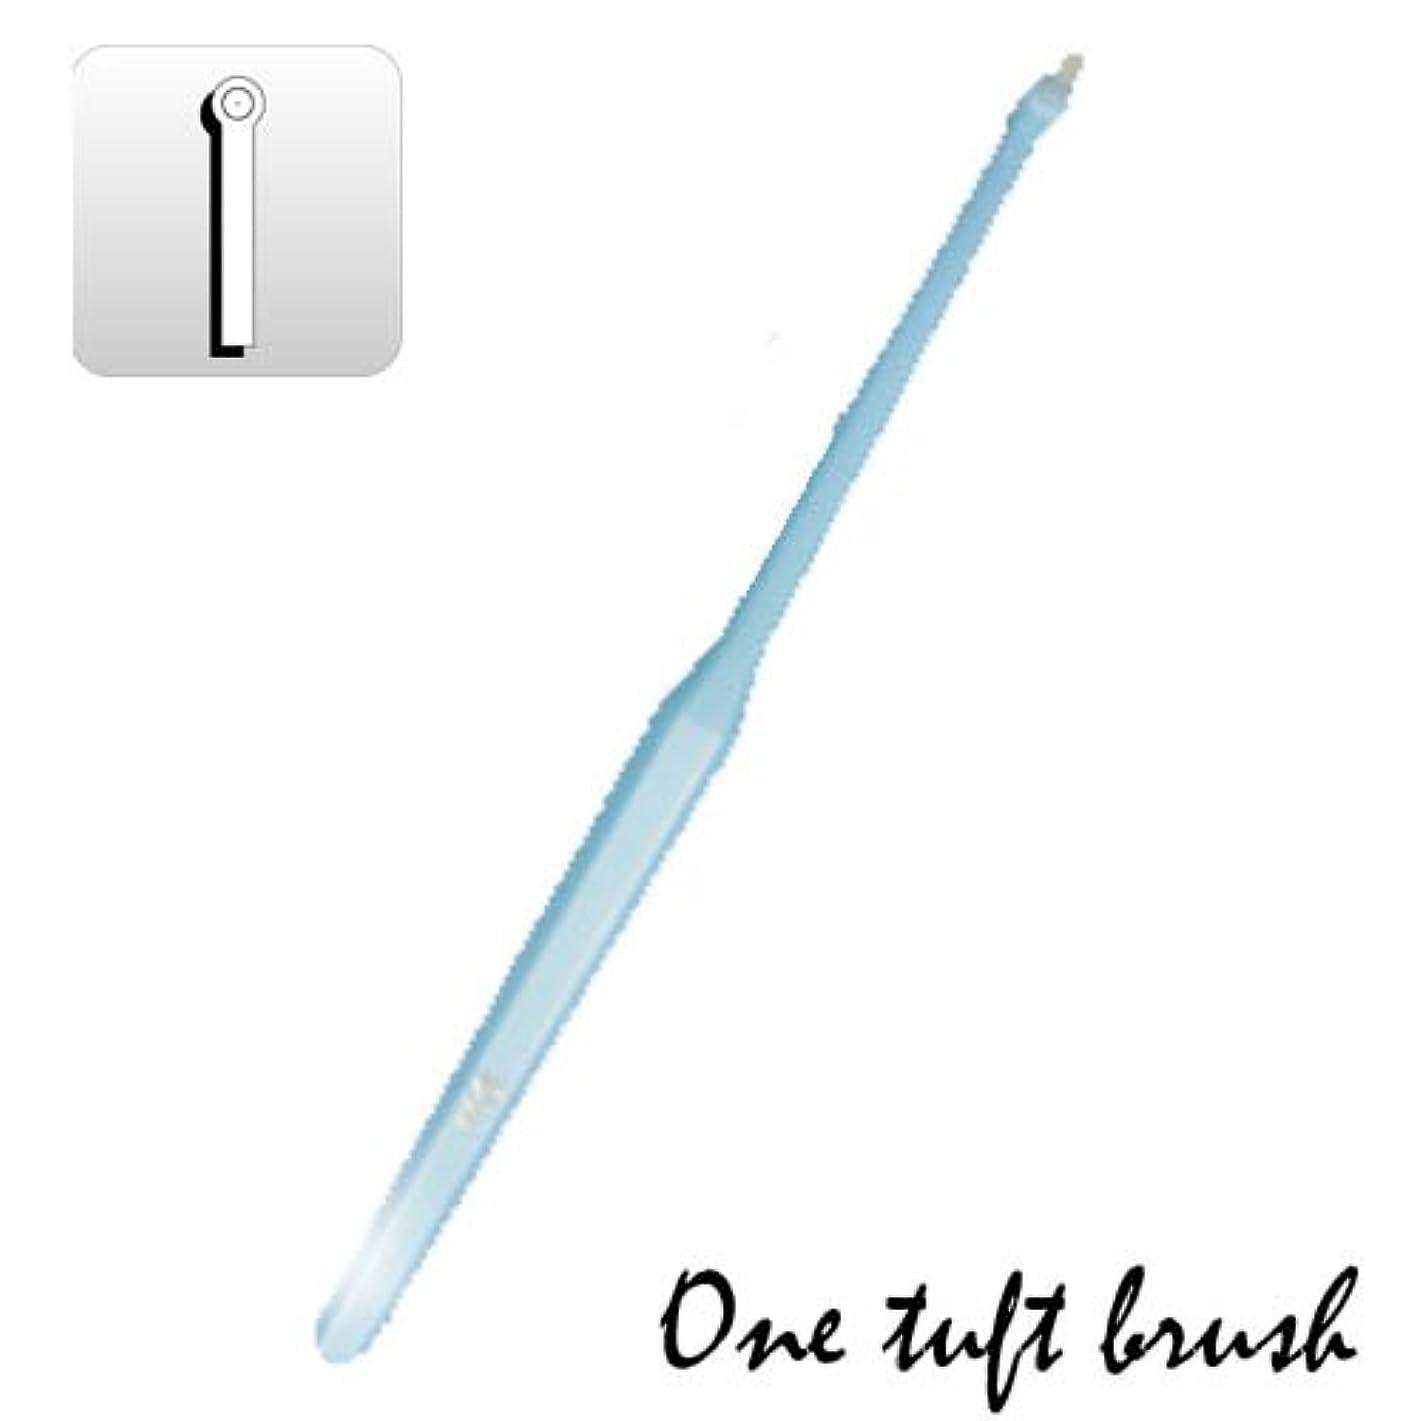 ミサイル企業リンク歯科用 みがきにくい部位までしっかり すっきり 【 One ワンタフト ブルー 2本セット】 歯ブラシ